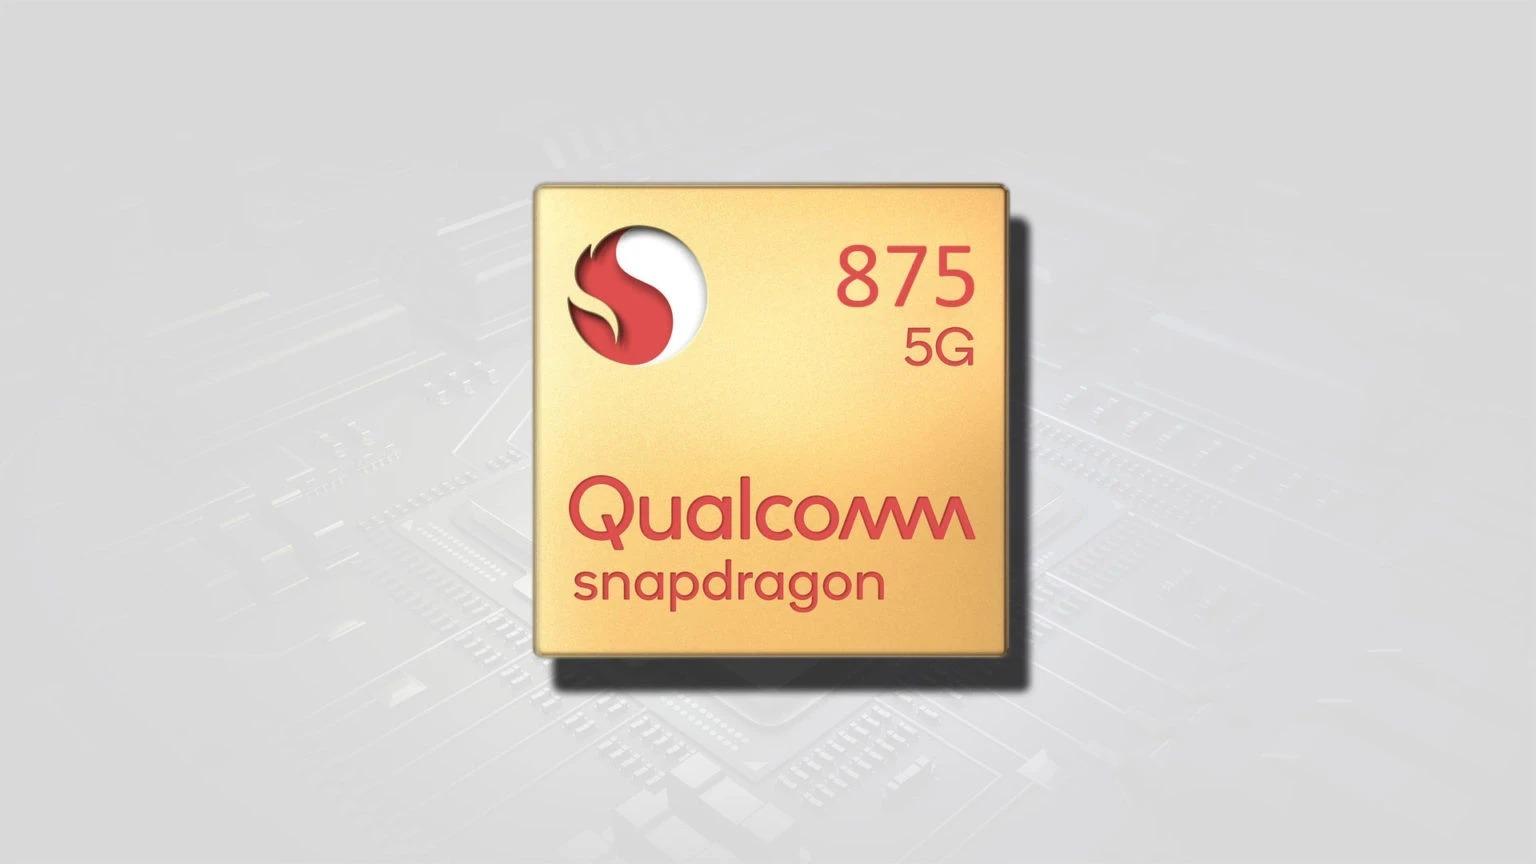 Theo sau Snapdragon 875 có thể là Snapdragon 775G sử dụng tiến trình 6nm